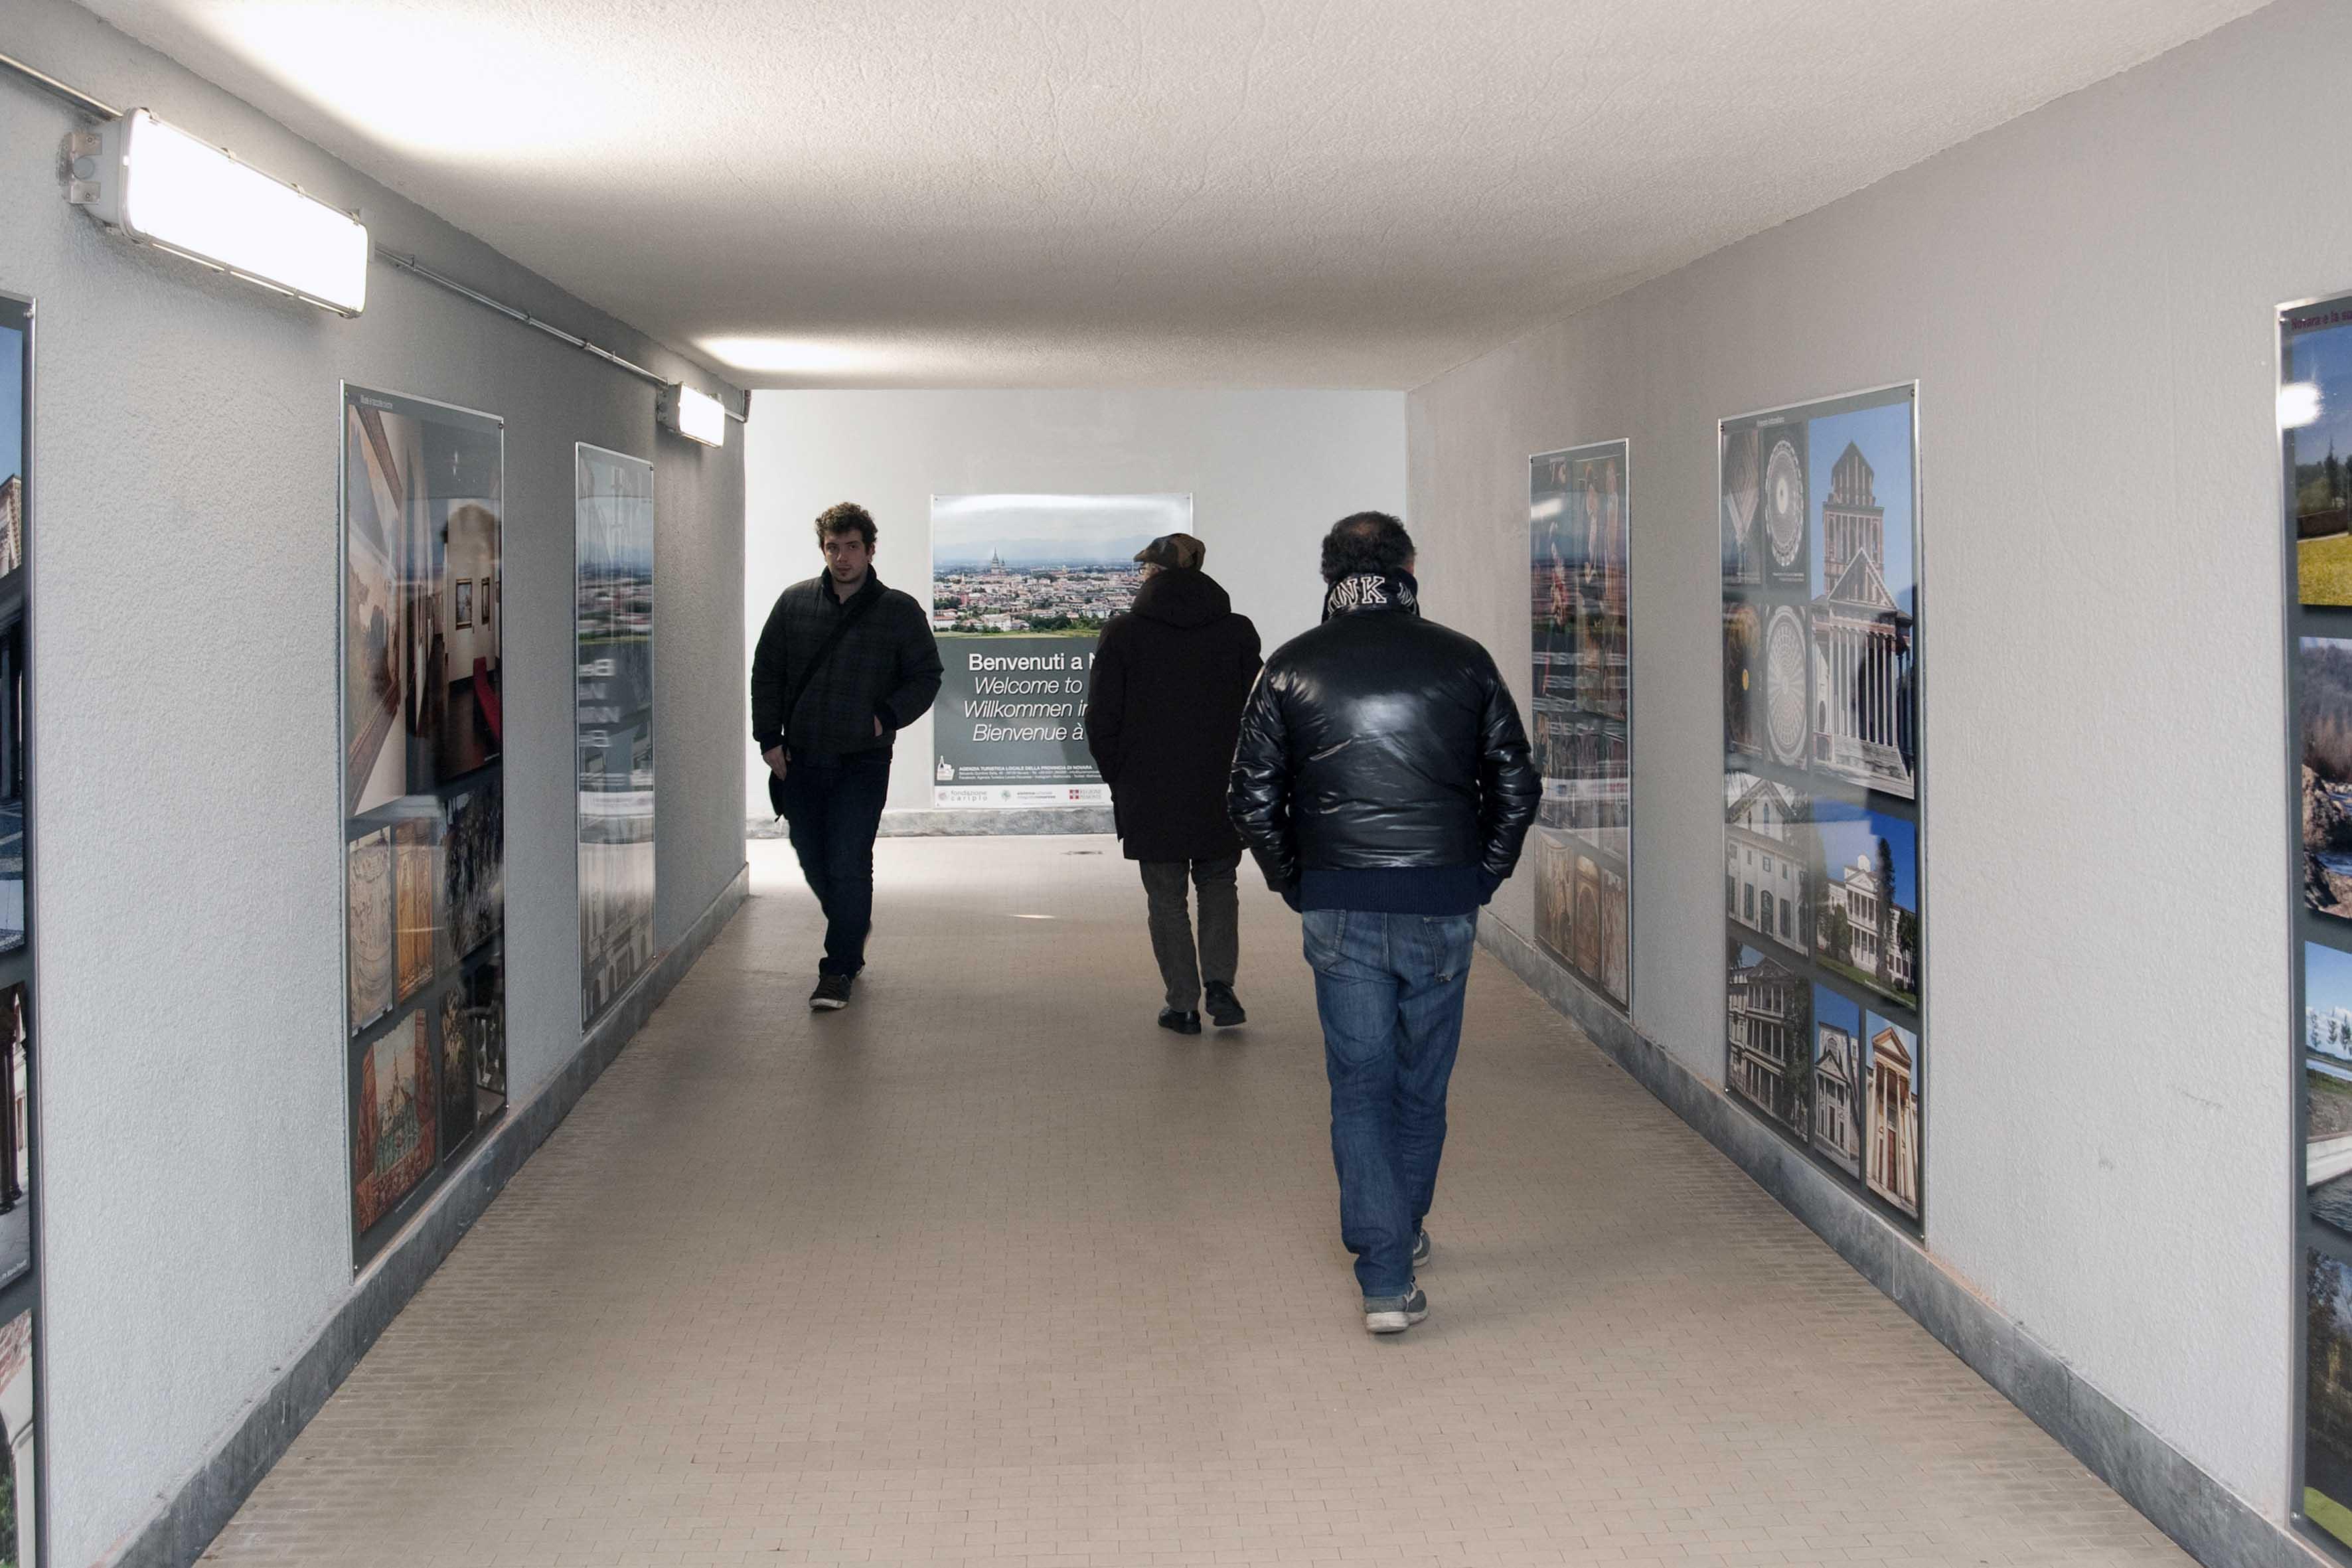 Nuova stazione ferroviaria: la vetrina della città di Novara tra spazi ristrutturati e gallerie fotografiche